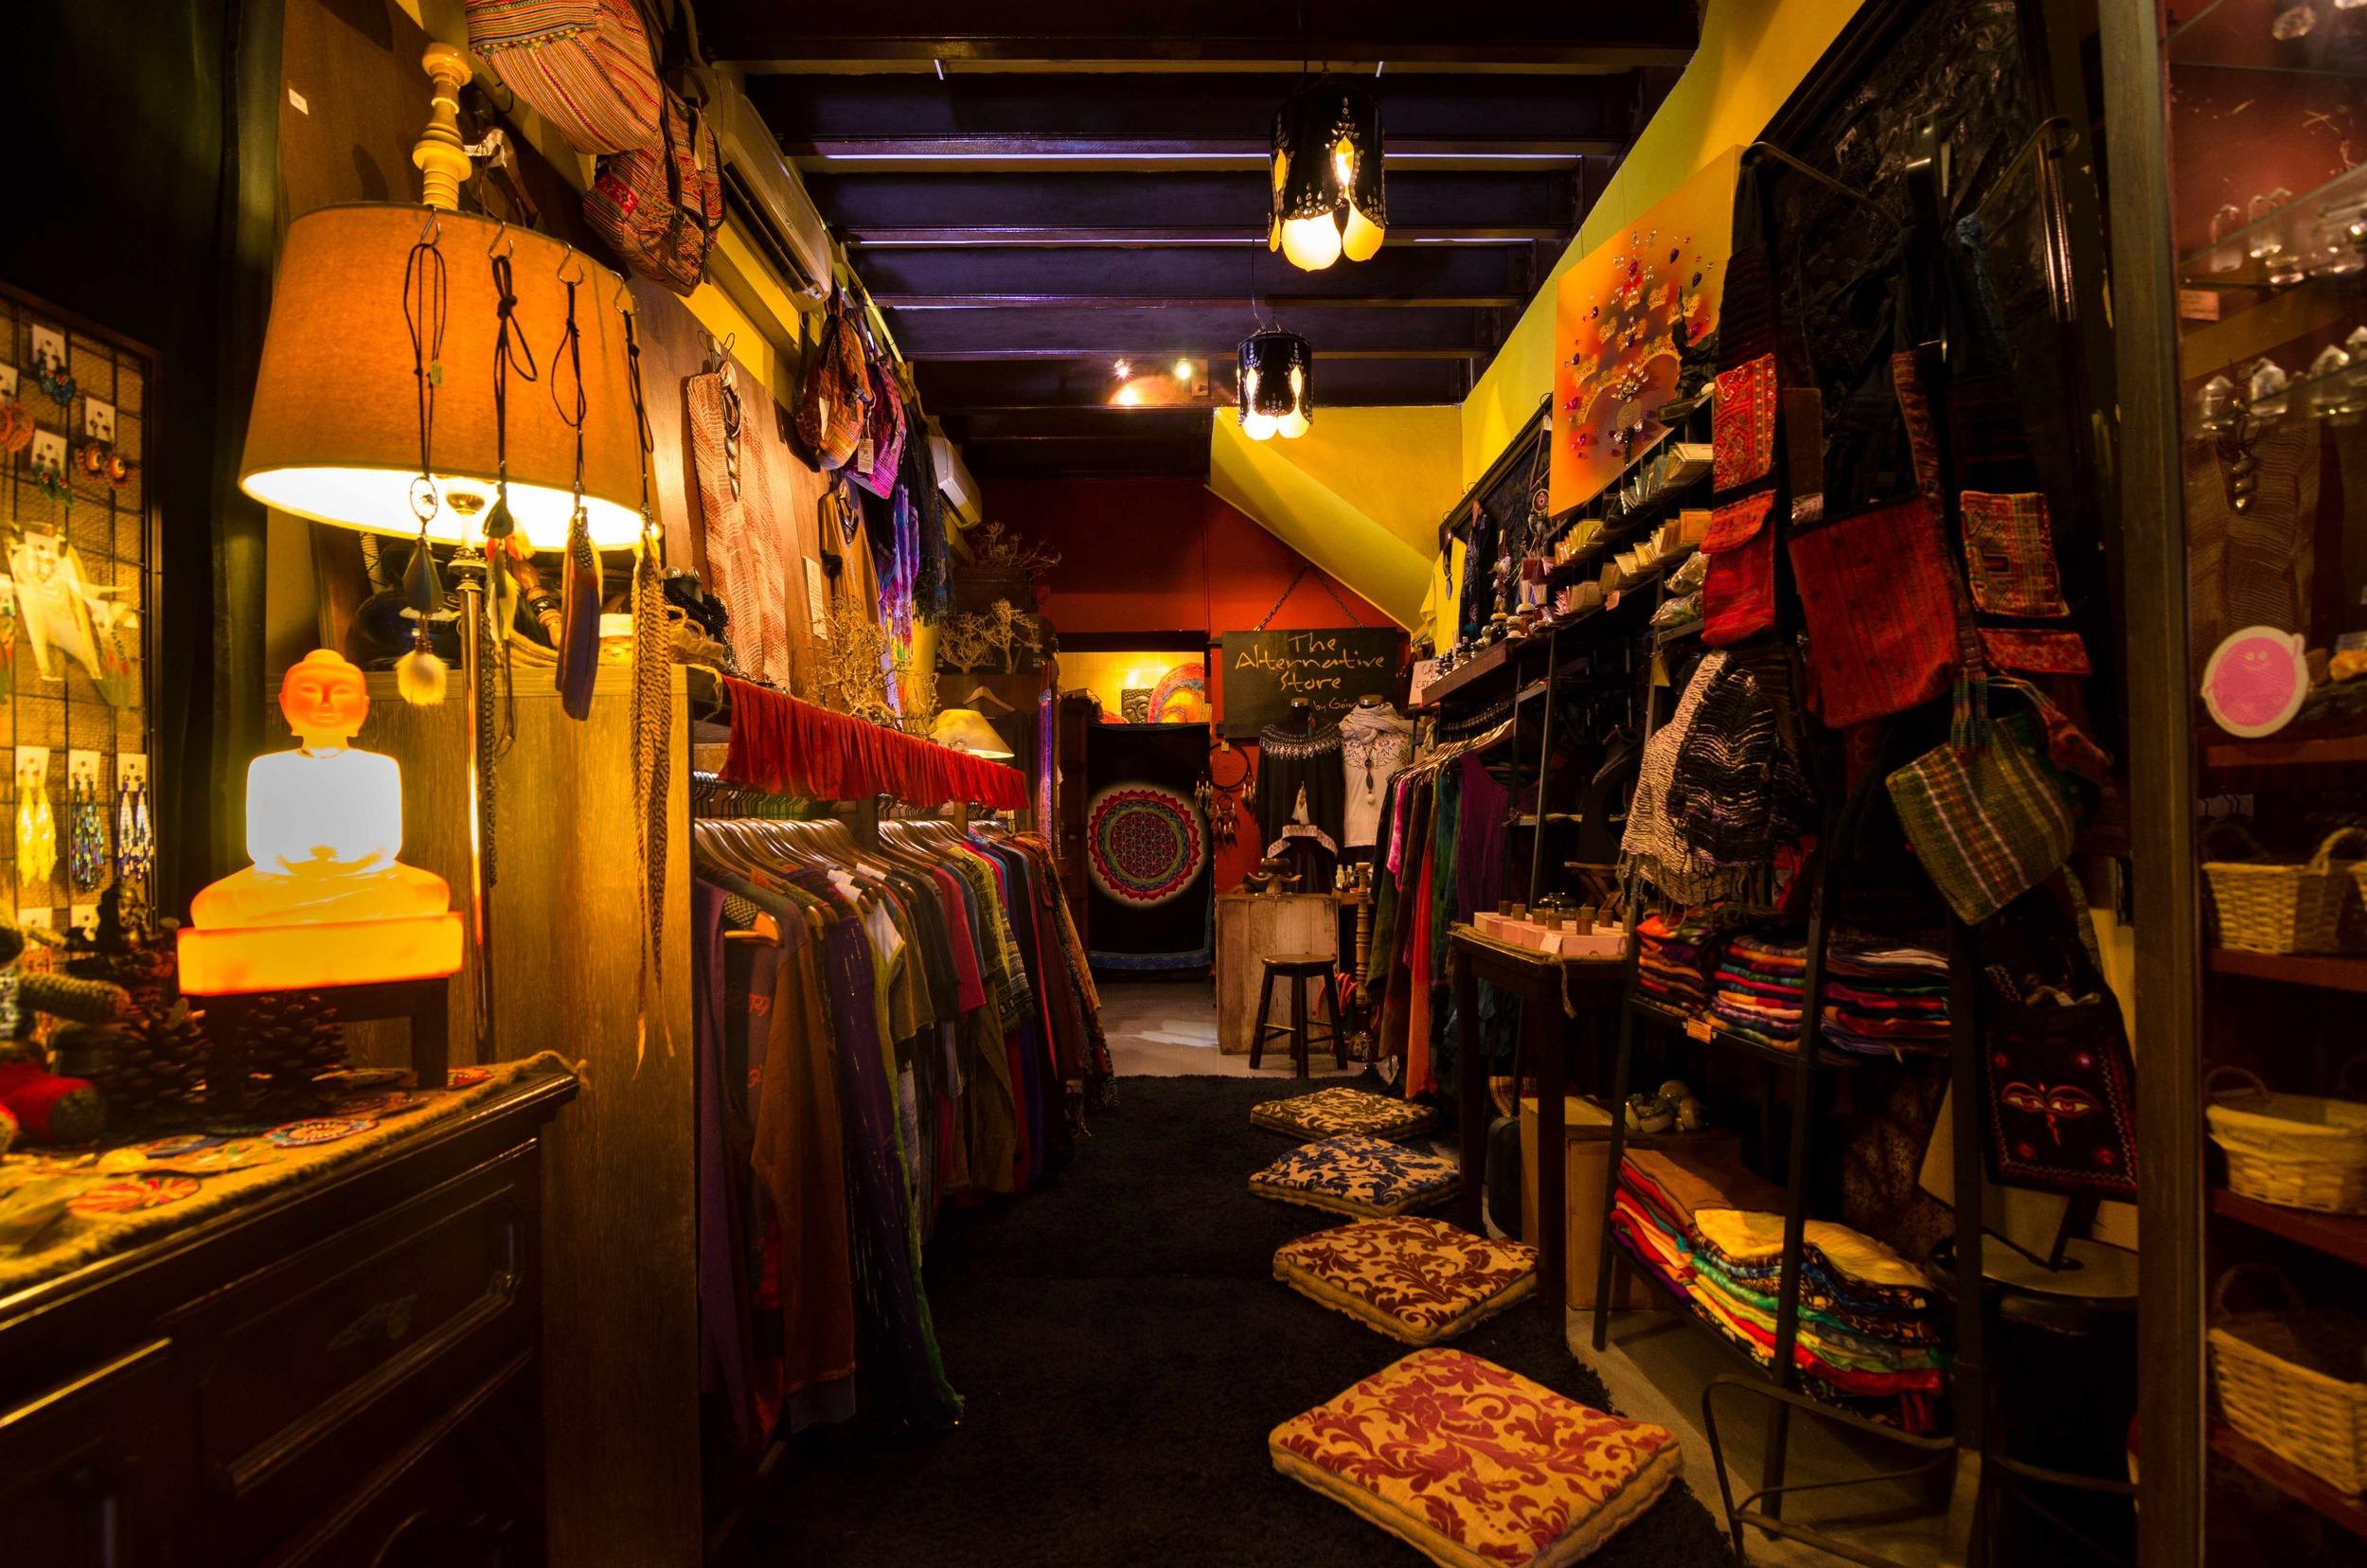 Photography by Josh Goh  www.joshgoh.com